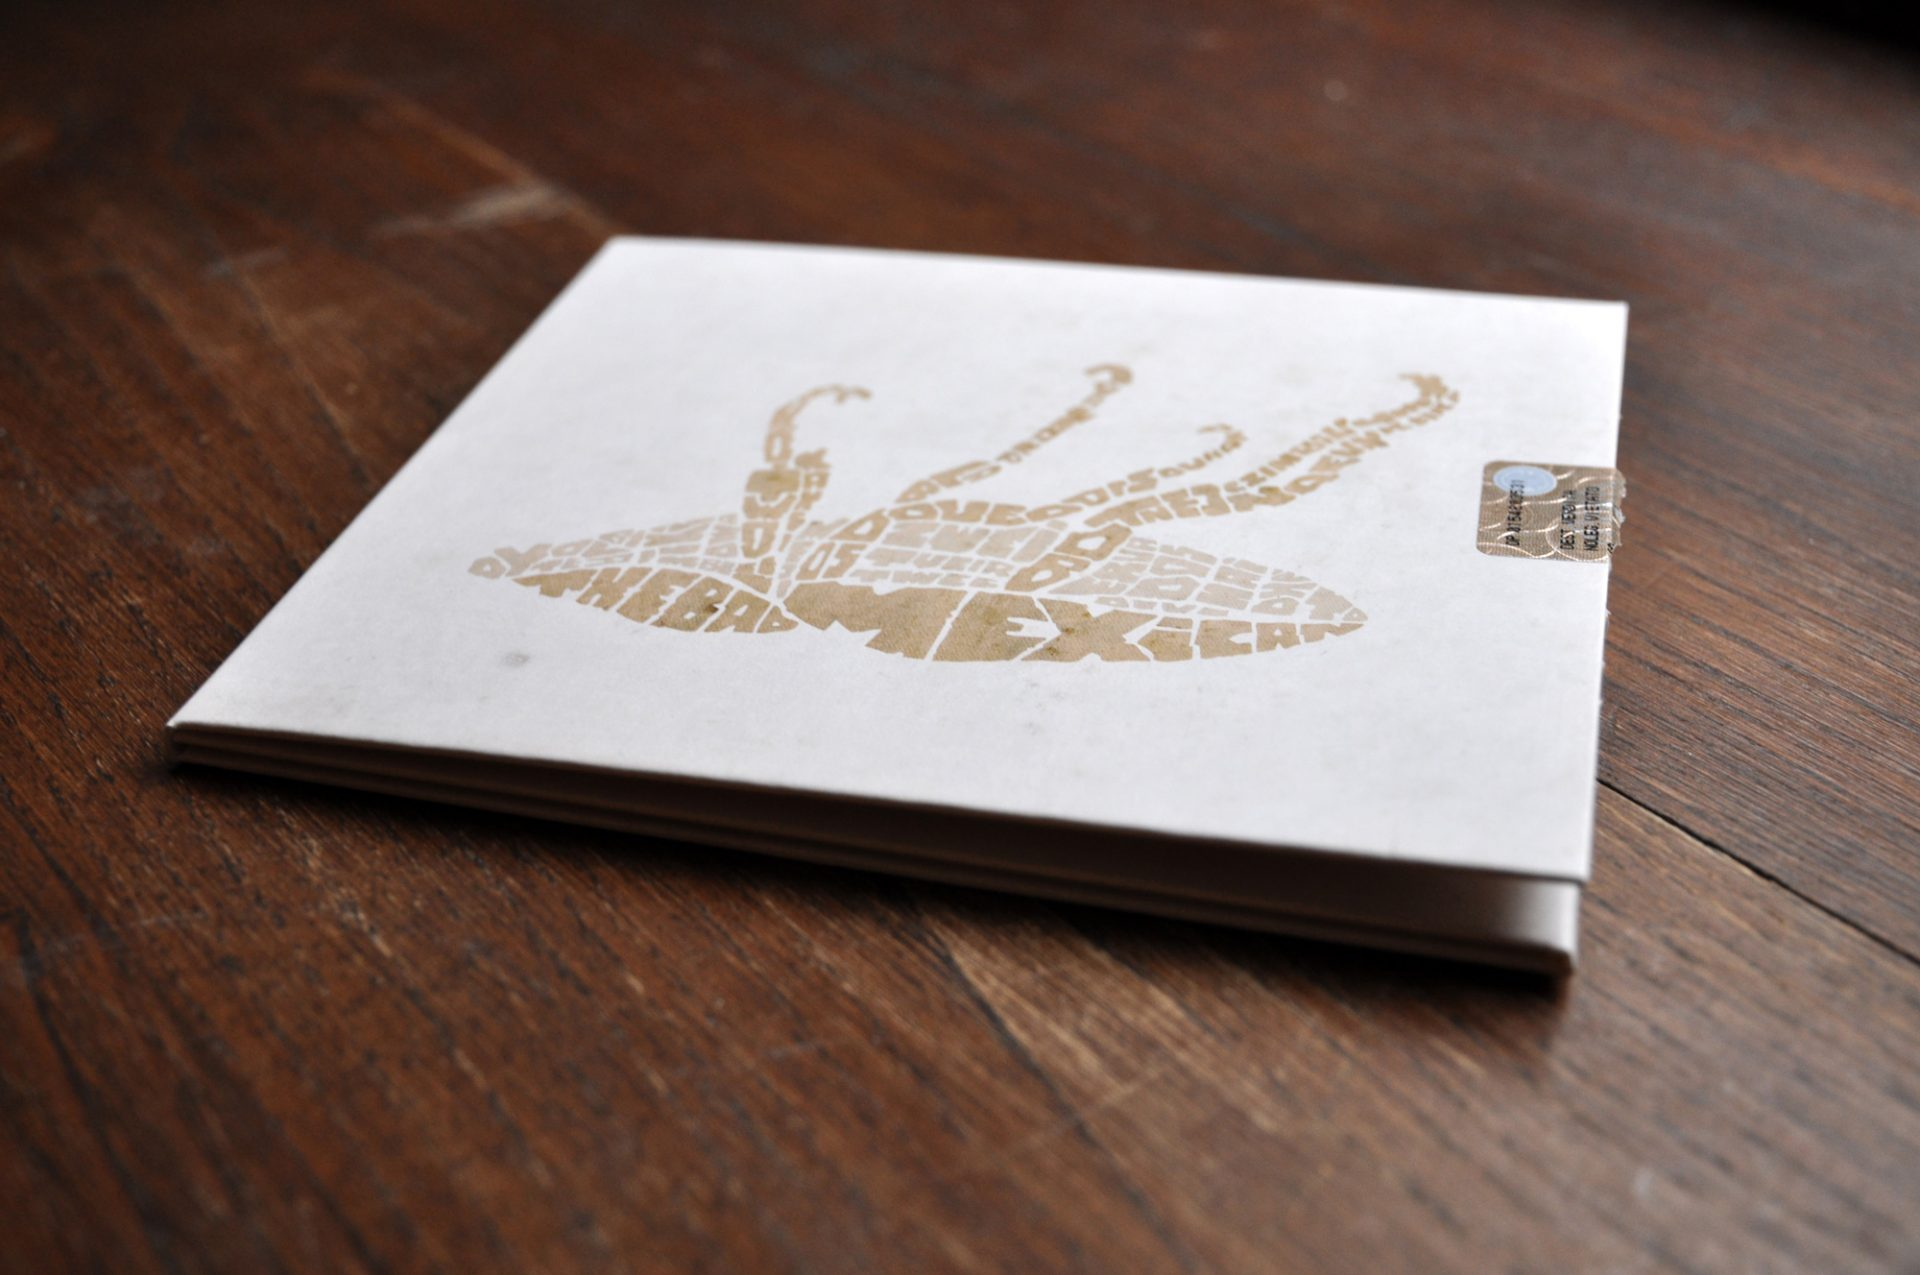 Album Cover Design DUE